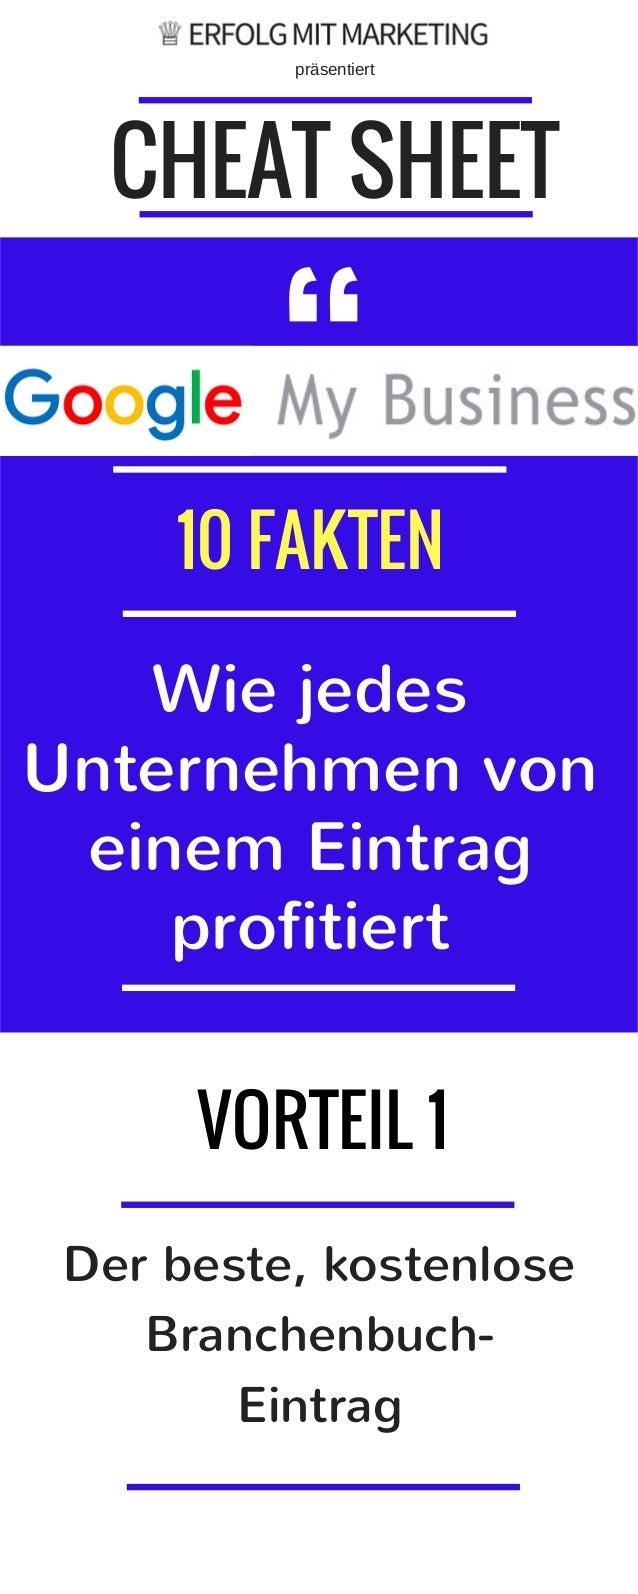 """CHEAT SHEET """" 10 FAKTEN VORTEIL 1 Wie jedes Unternehmen von einem Eintrag profitiert präsentiert Der beste, kostenlose Bra..."""